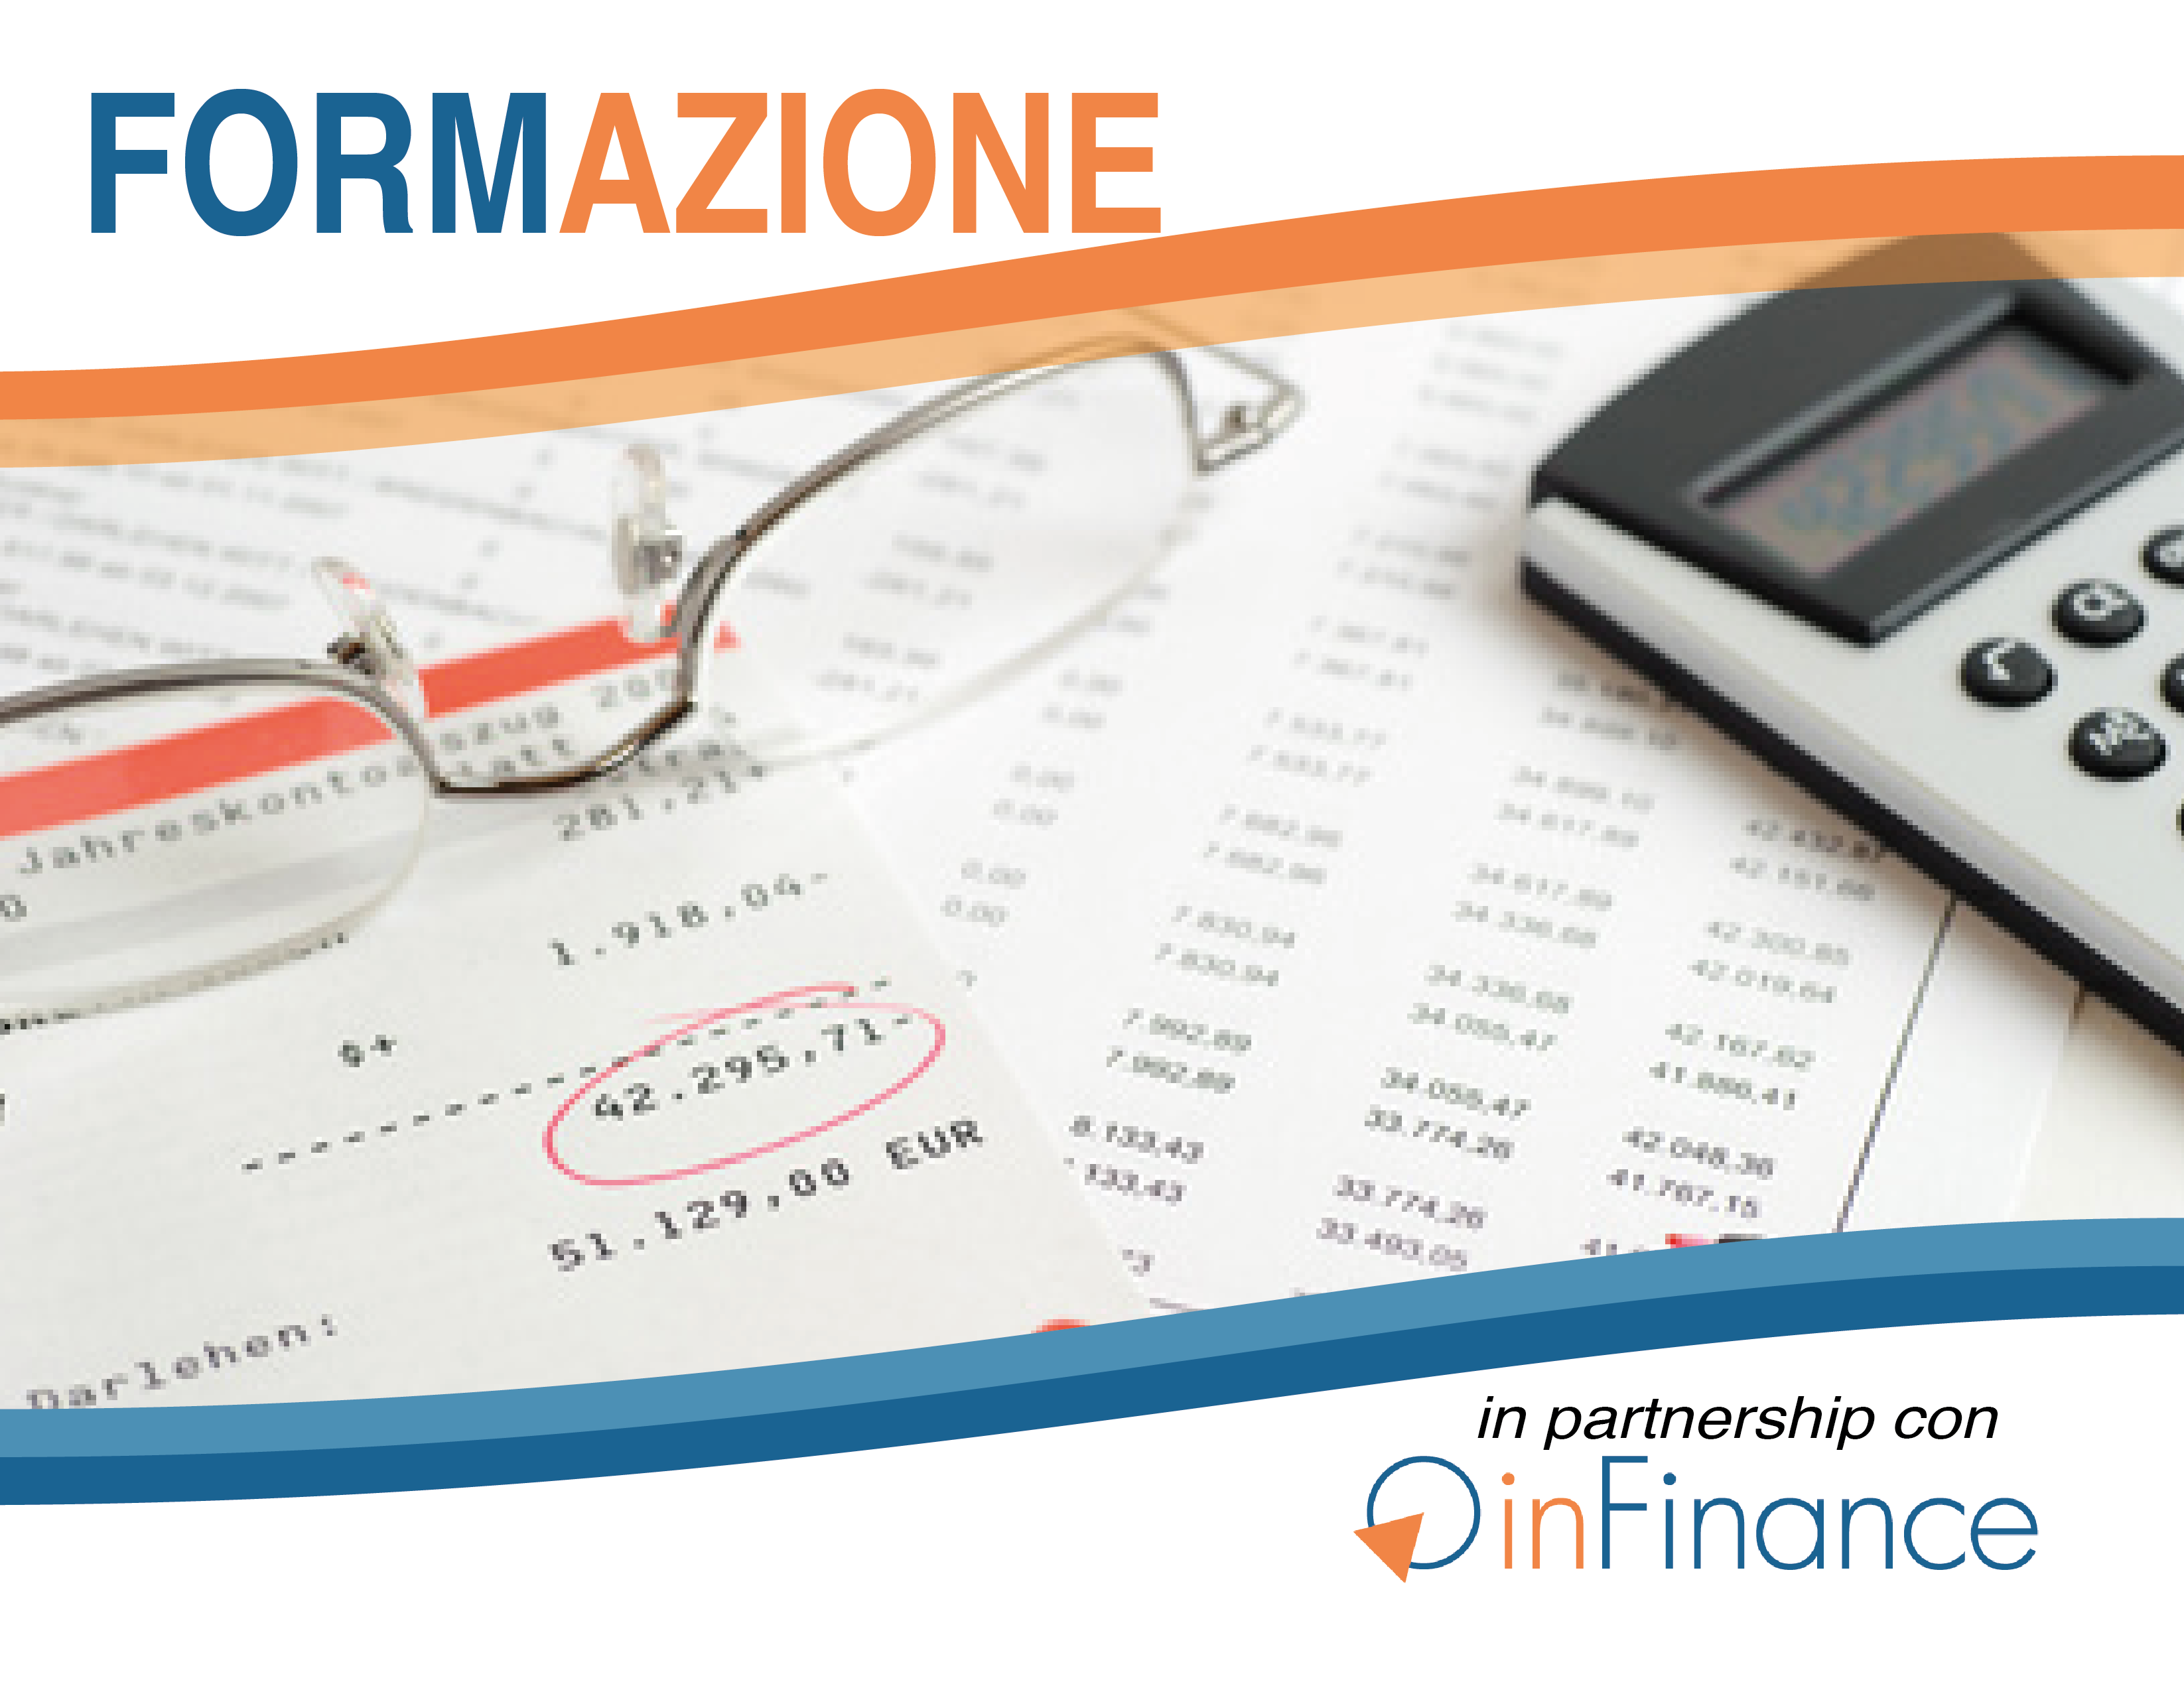 Corso inFinance in Basi di contabilità analitica